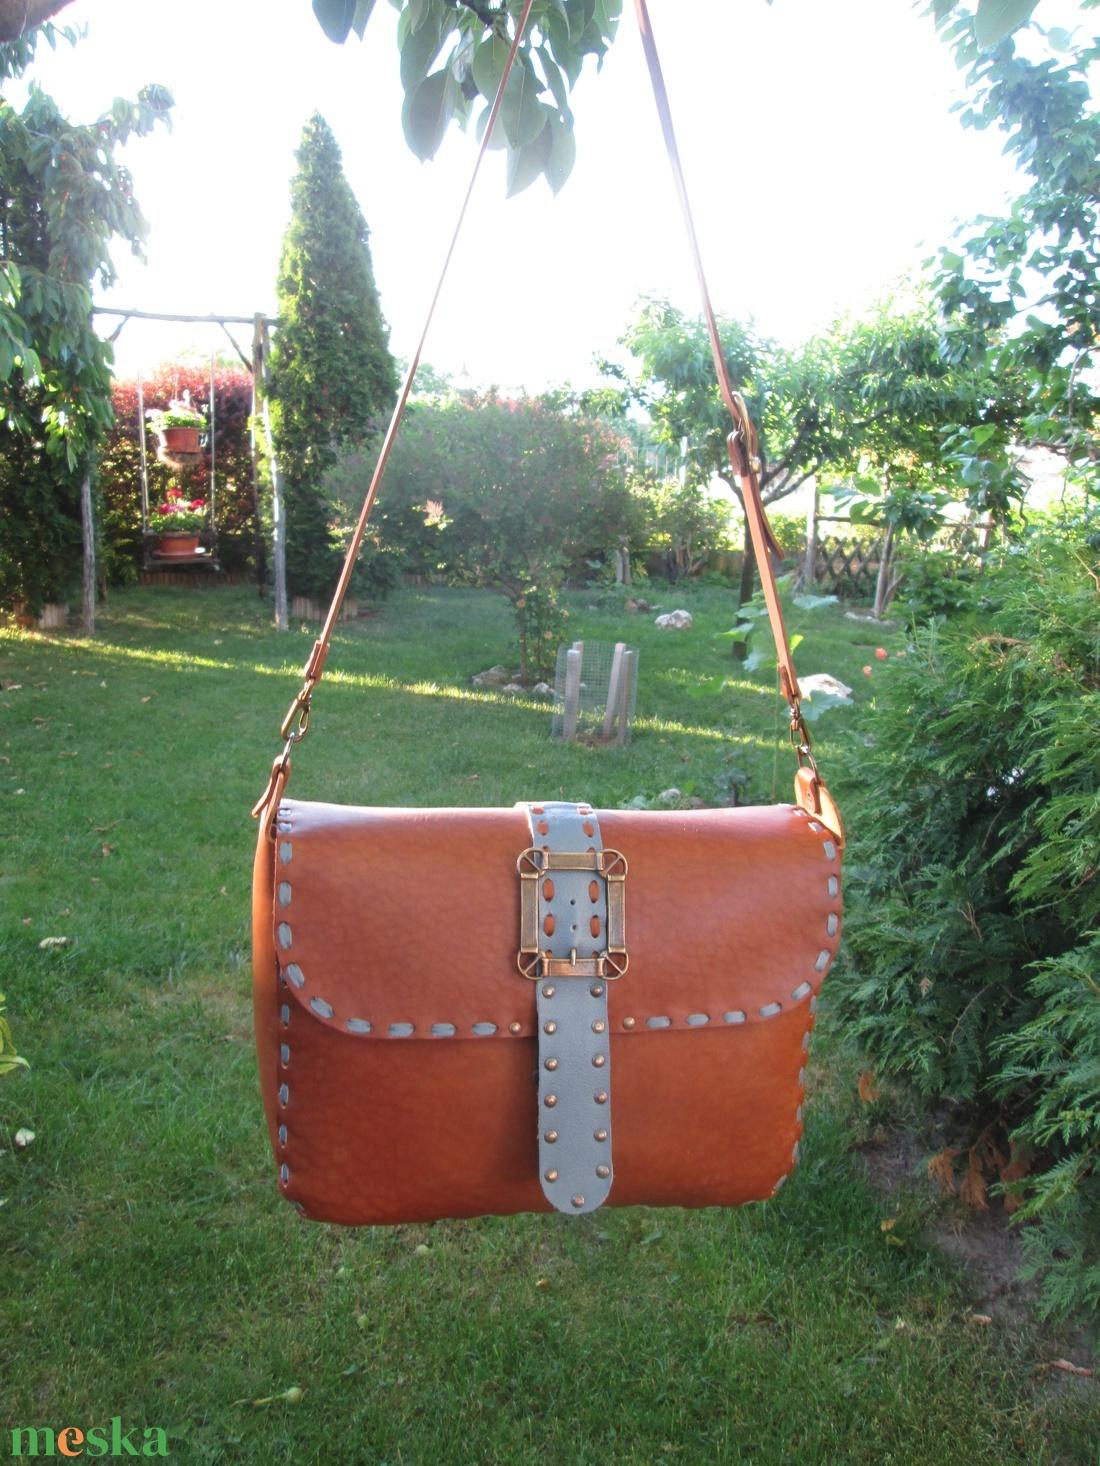 Szegecseléssel díszített női válltáska két színű bőrrel variálva - táska & tok - kézitáska & válltáska - válltáska - Meska.hu